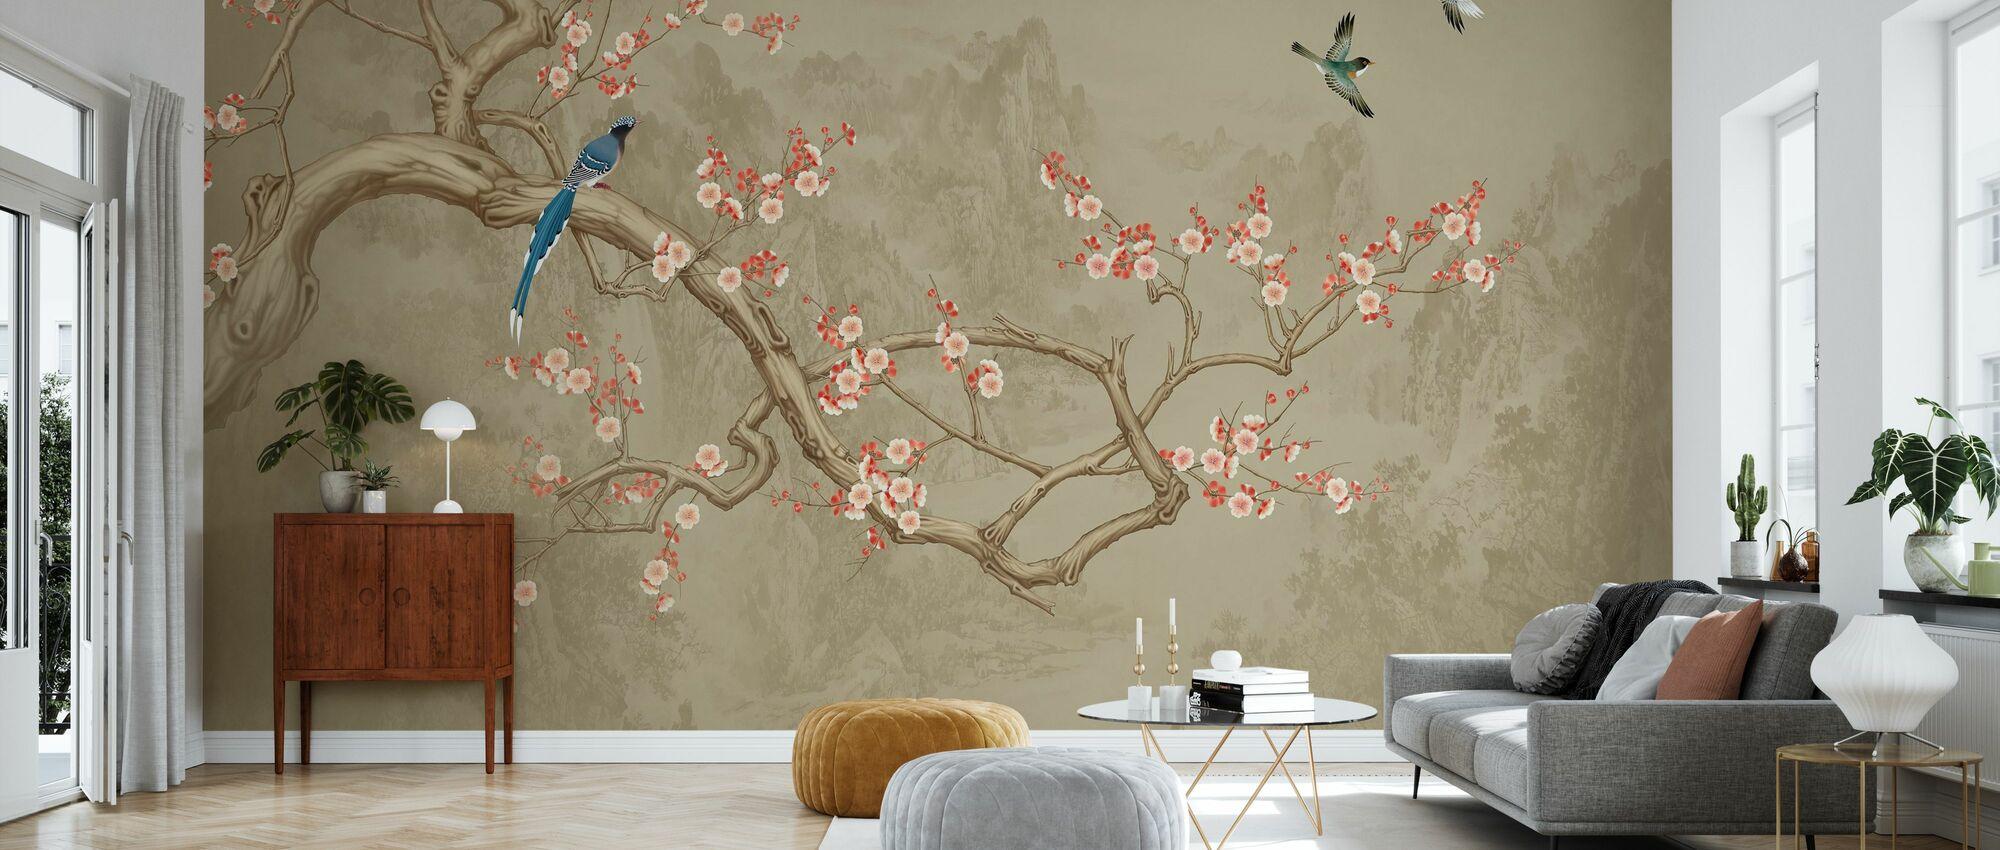 Birds heights - Cocoa - Wallpaper - Living Room